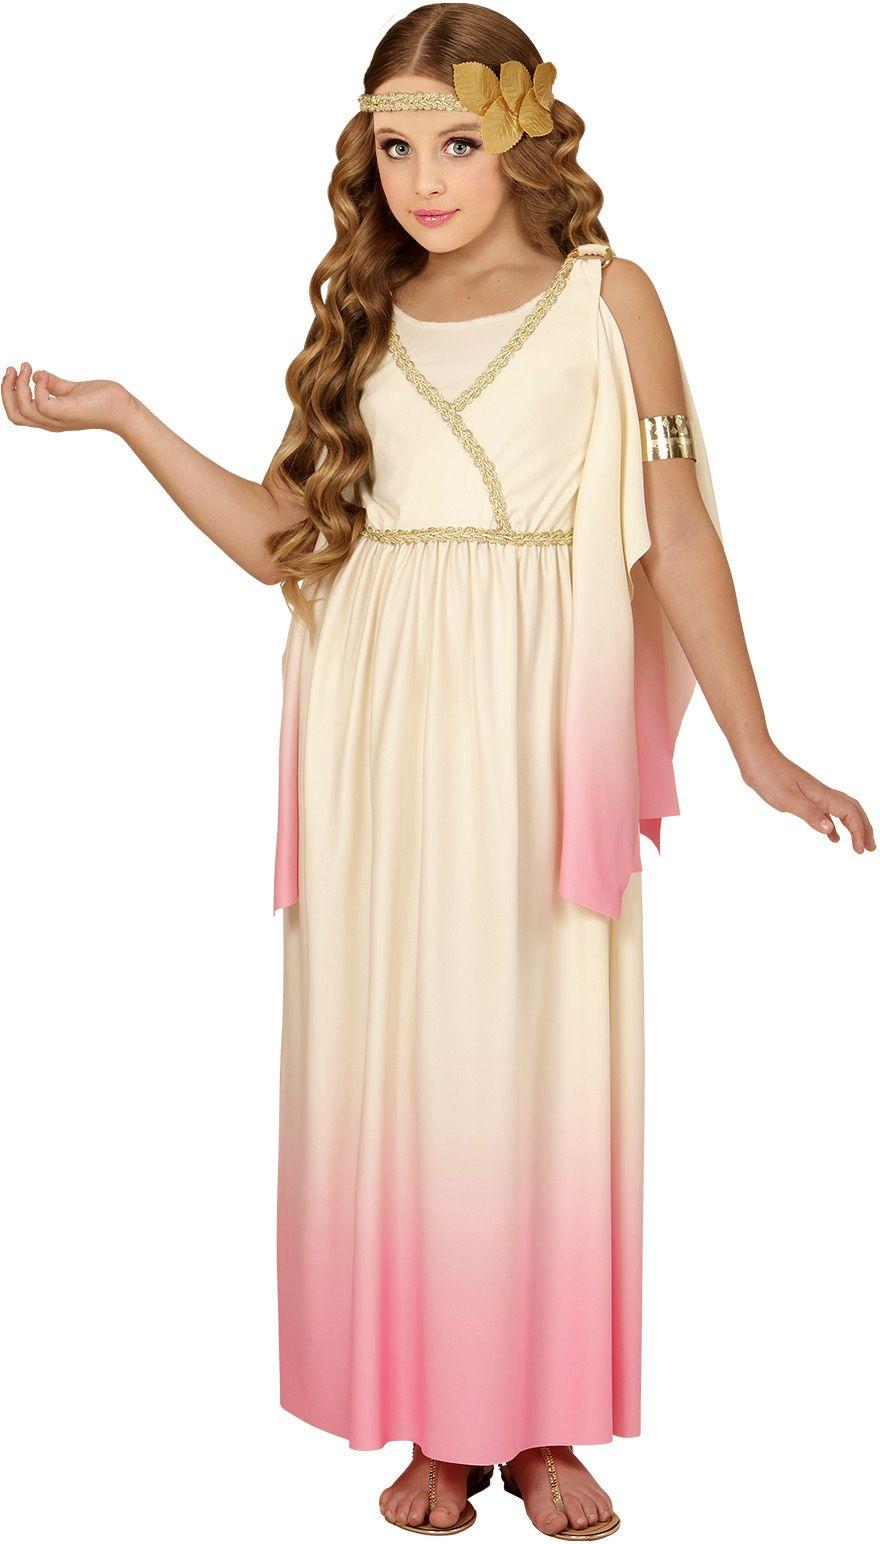 Griekse godin kind